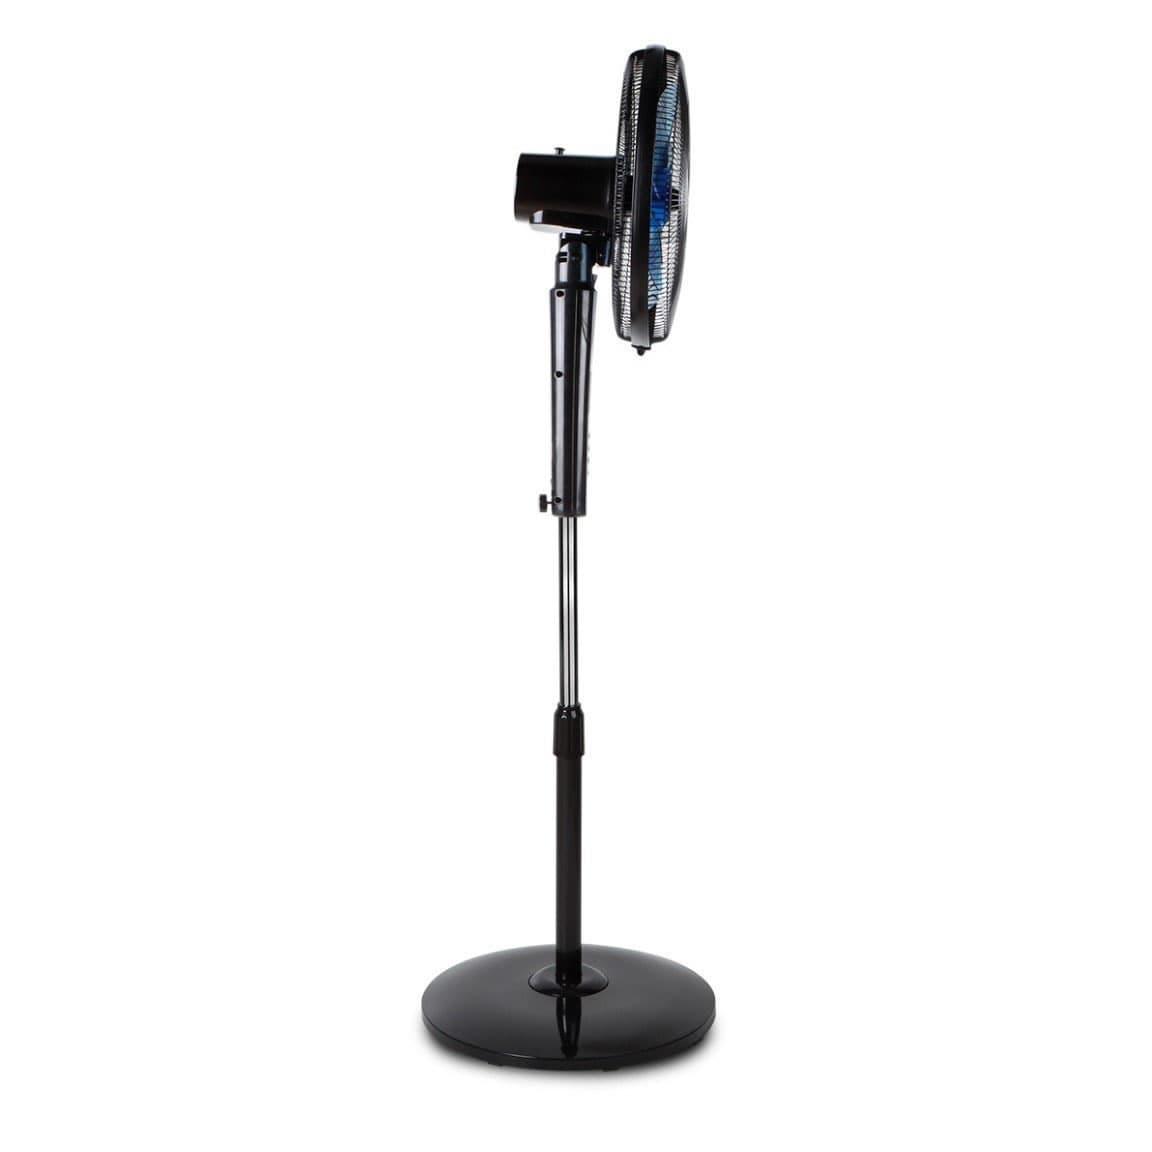 orbegozo sf 0640 ventilador de pedestal silencioso